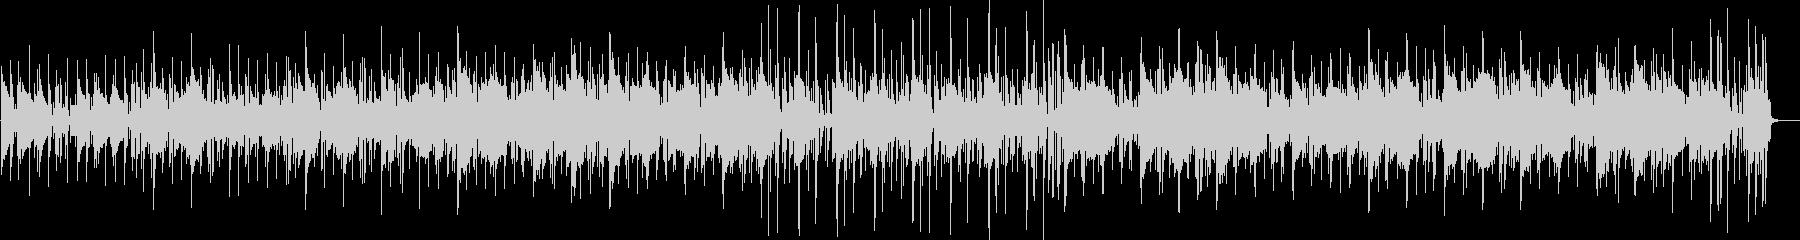 フワフワ感、スローなトランペットの曲の未再生の波形